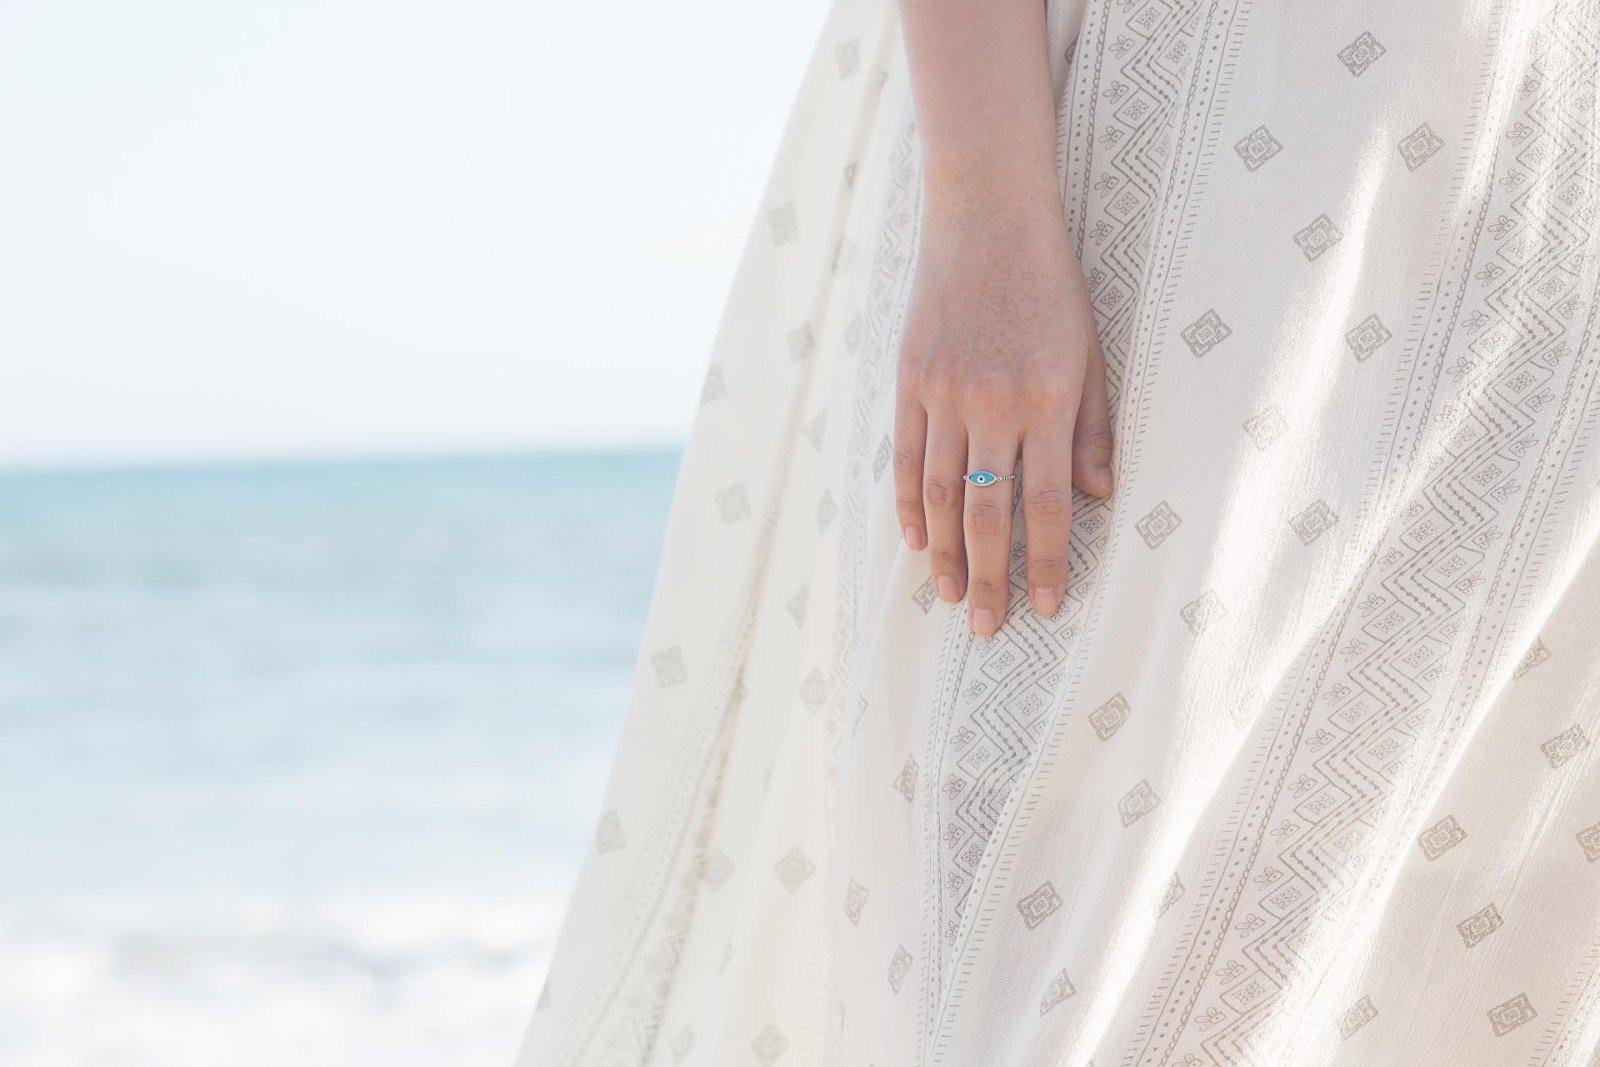 beach-dresses-evil-eye-ring-serein-wu